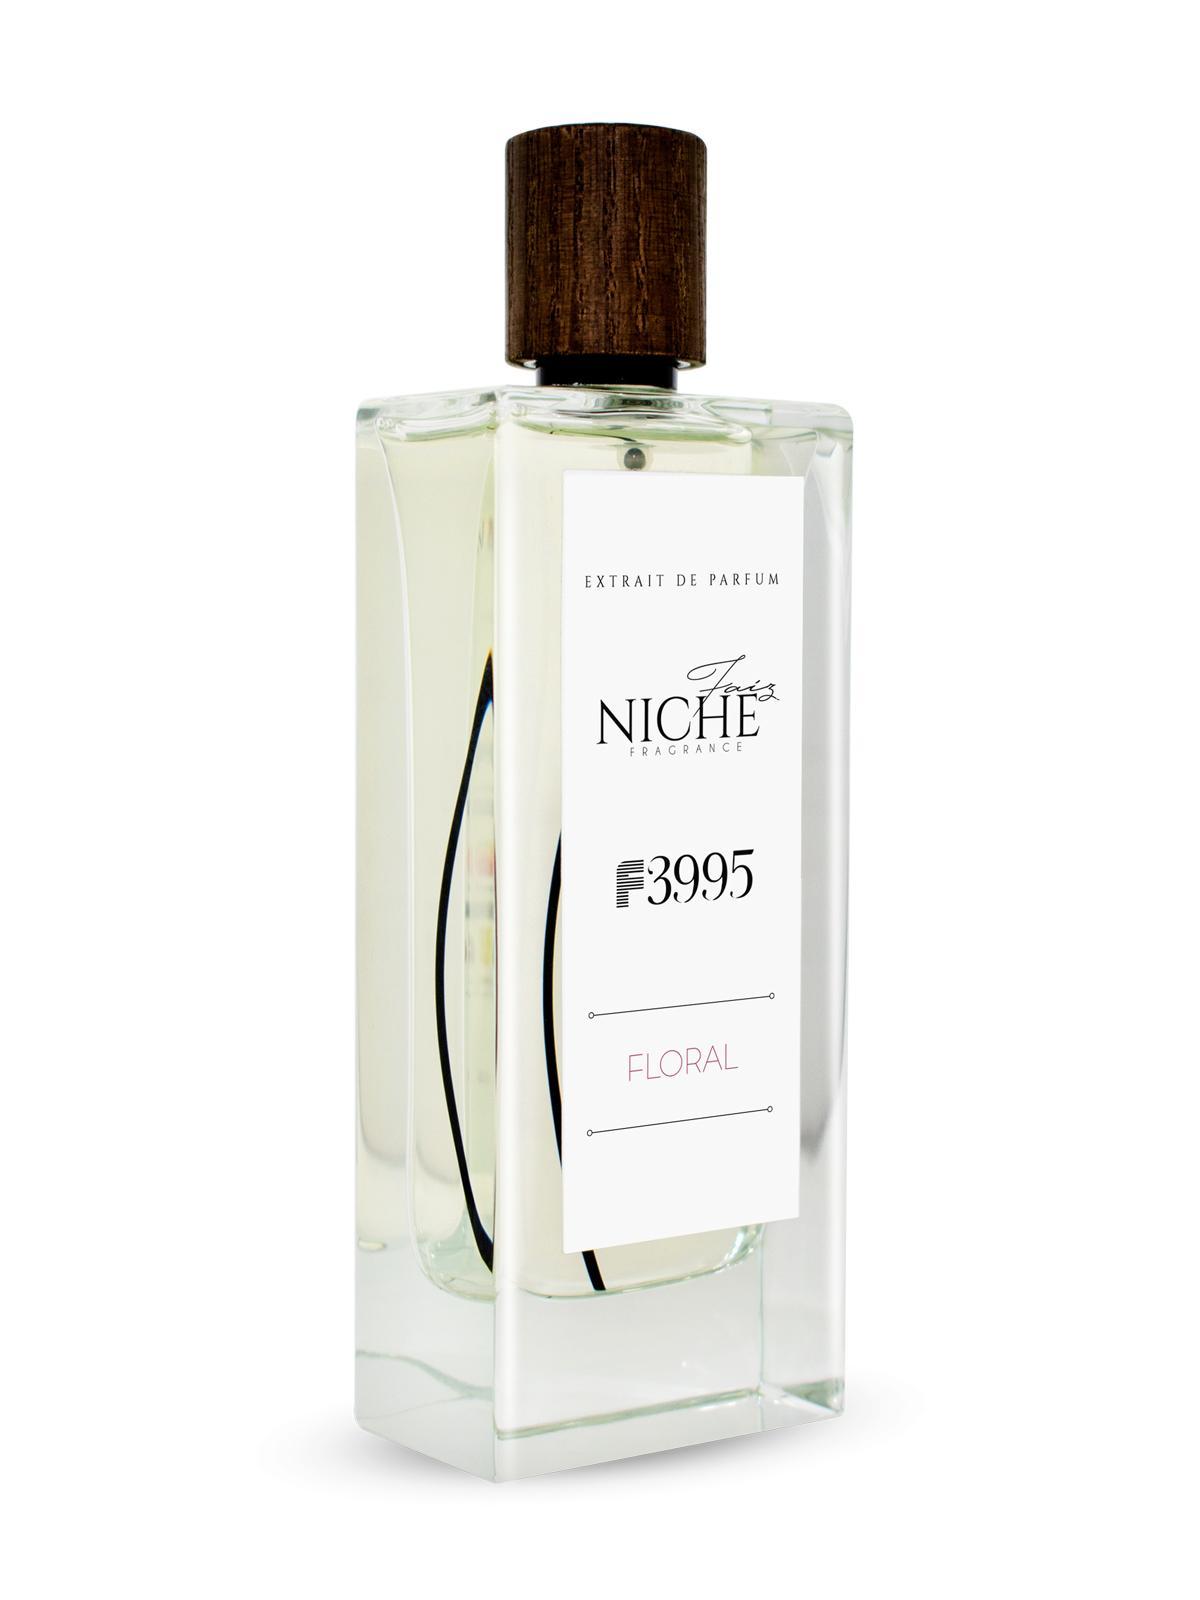 Faiz Niche Collection Floral F3995 Extrait De Parfum 80ML